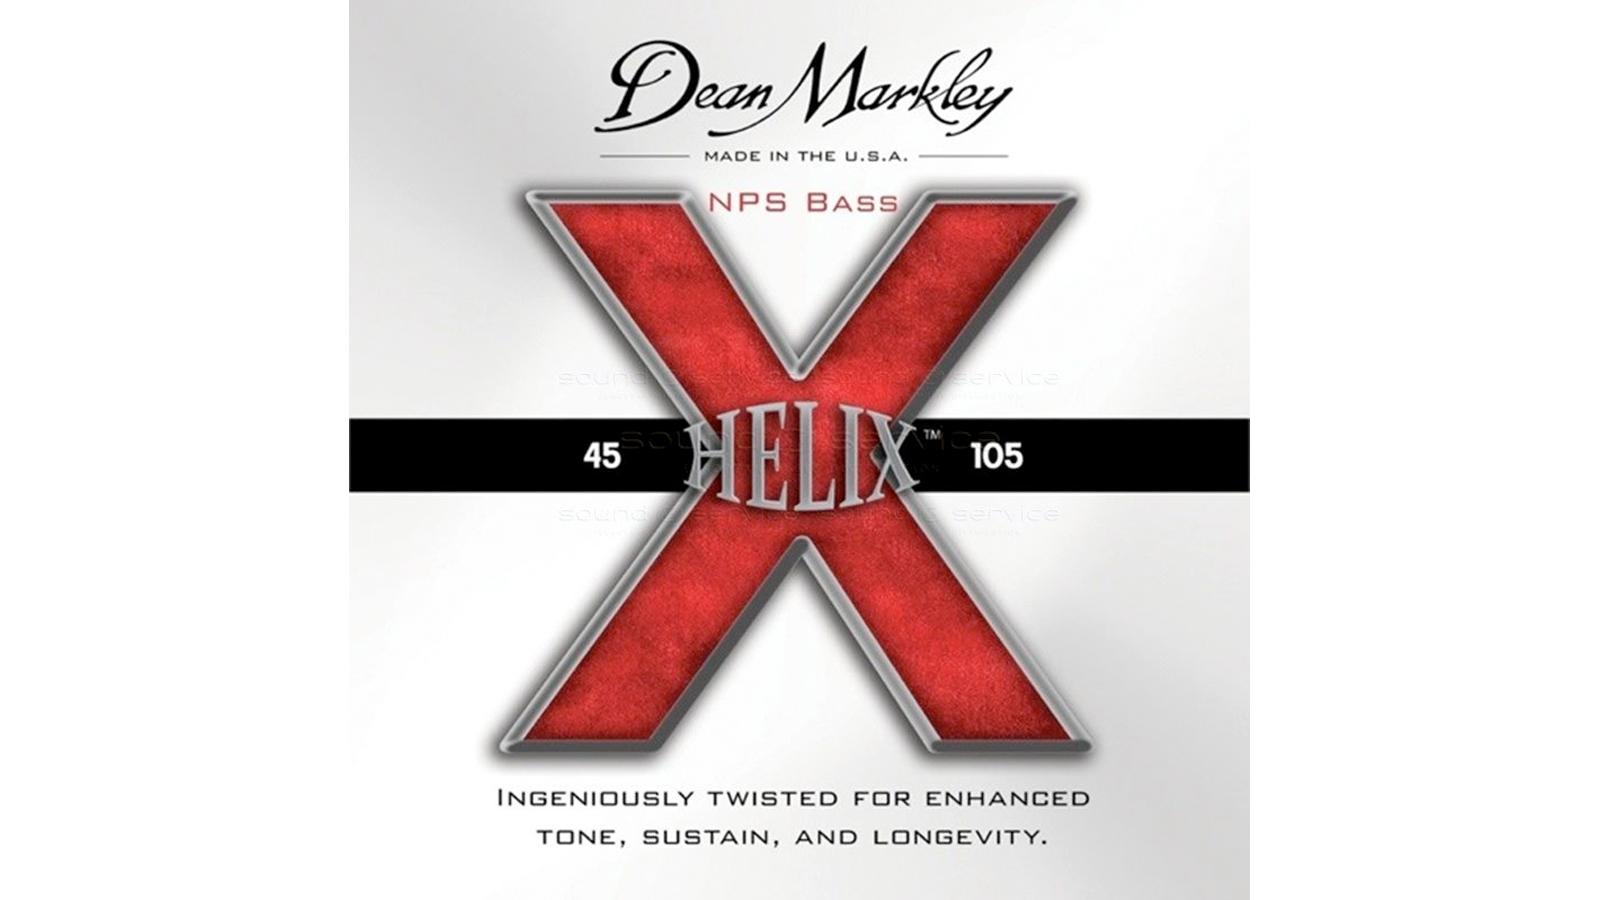 Dean Markley 2611 ML Helix Bass Medium Light 45-105